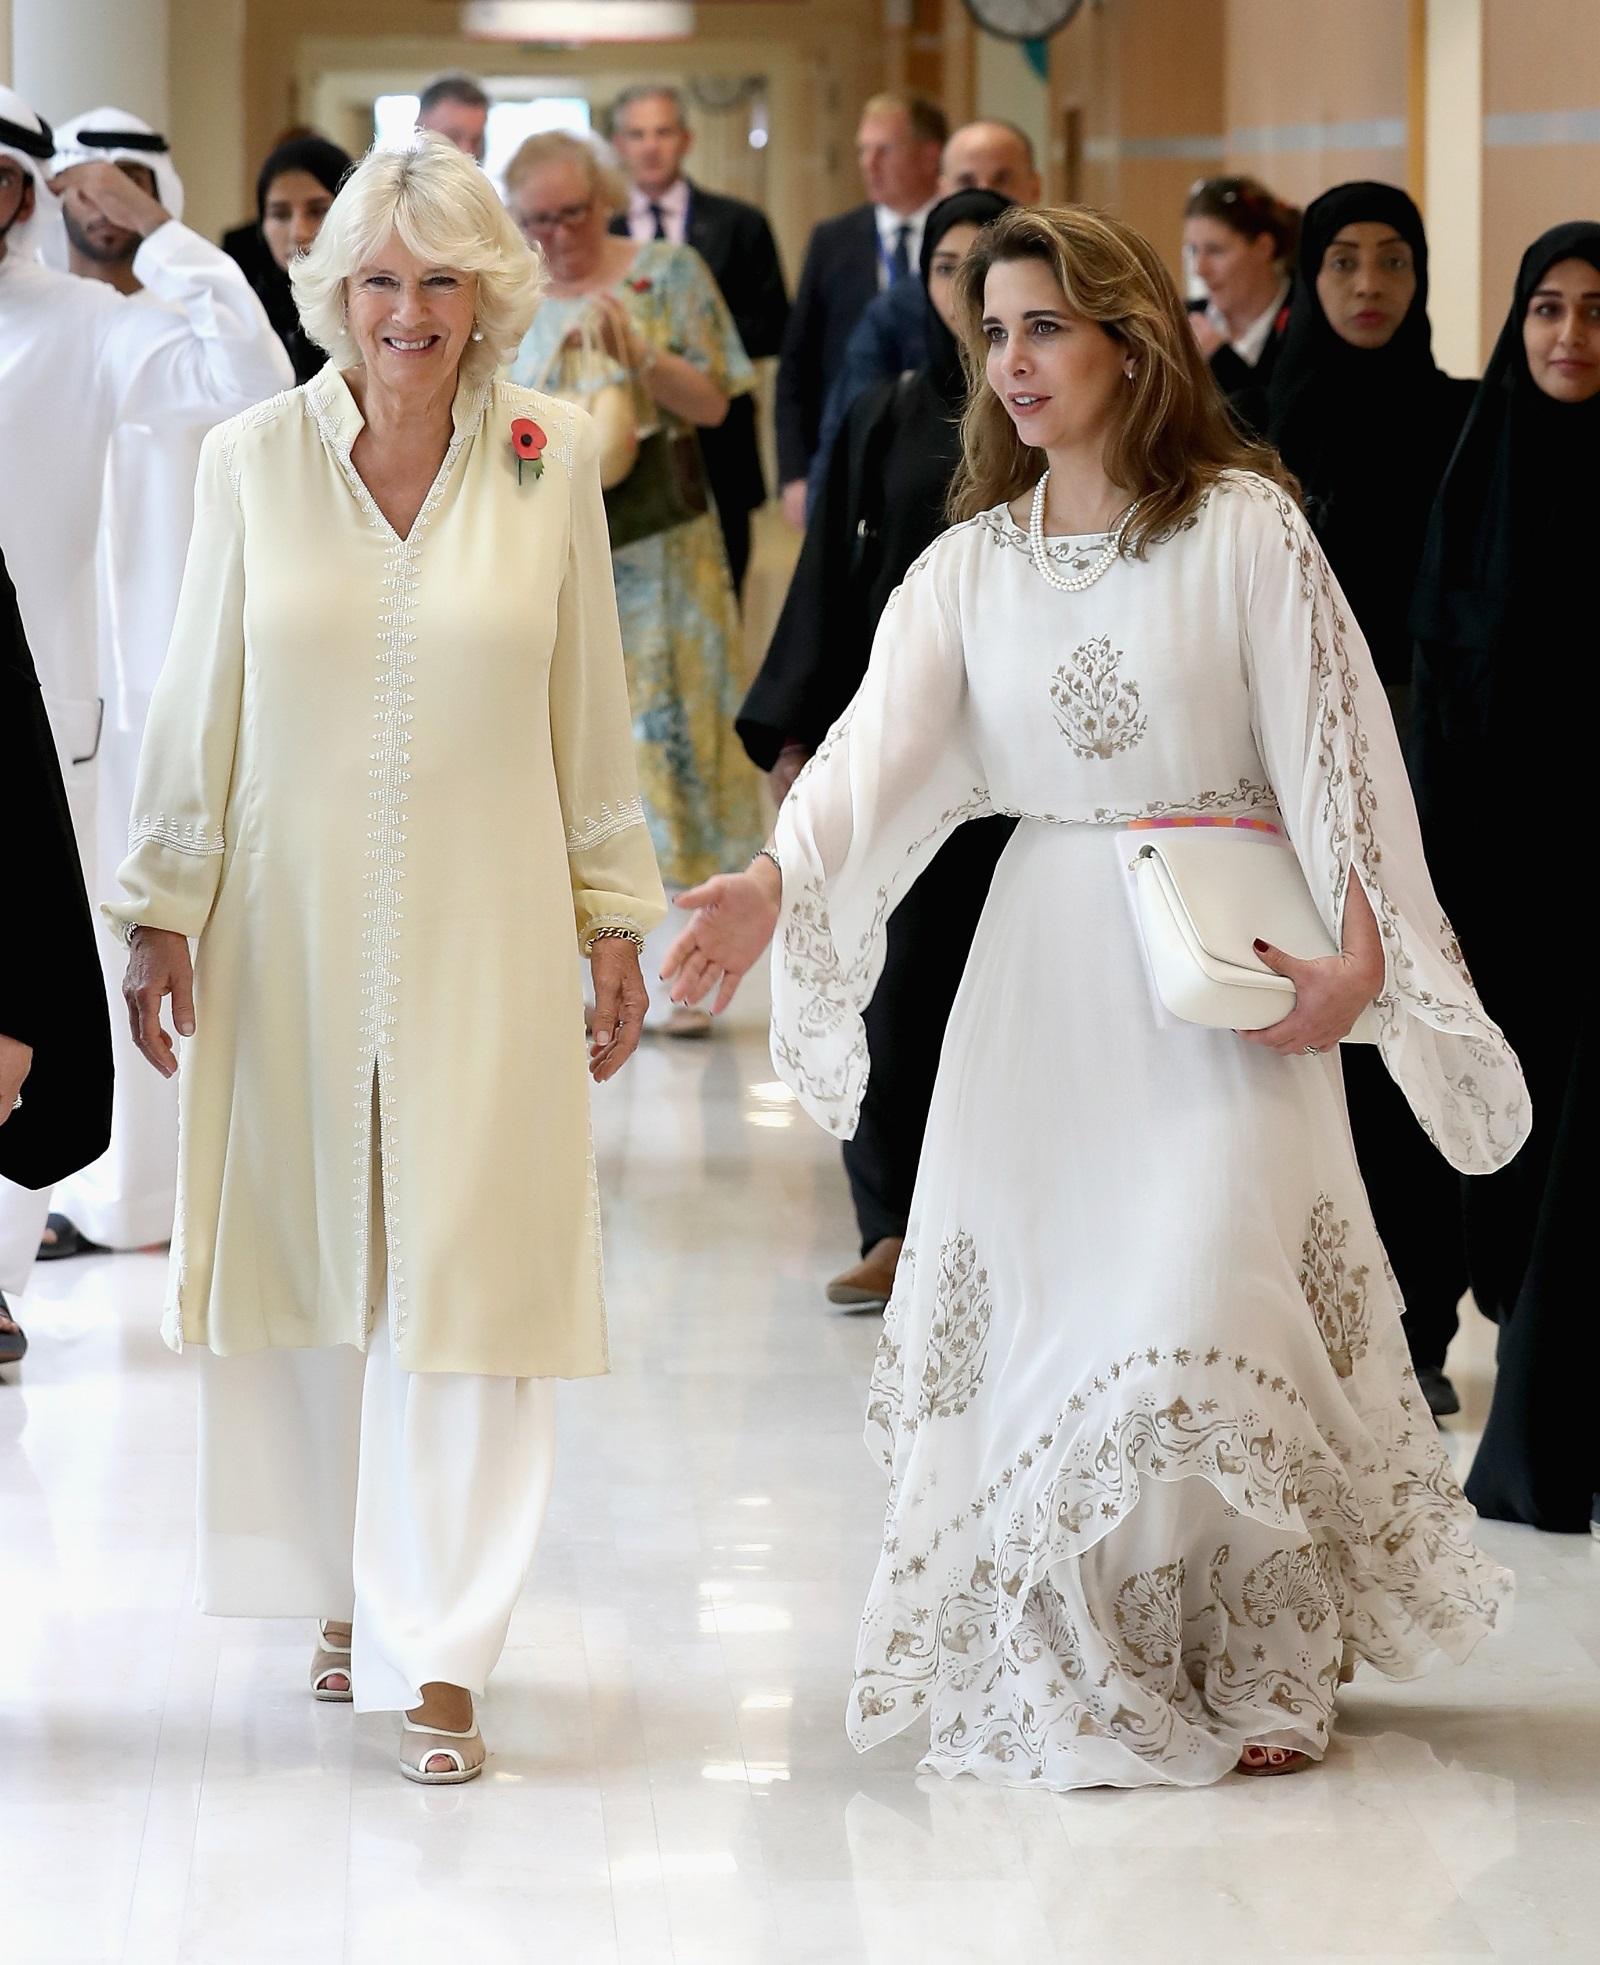 Поредното доказателство за съвсем не тихата женска революция в арабския свят - така някои медии определиха принцеса Хая, която избяга от съпруга си - дубайския шейх Мохамед бин Рашид ал Мактум. Различни източници съобщават, че тя е взела със себе си сумата от 31 млн. паунда. Хая е дъщеря на йорданския крал Хюсеин и третата му съпруга кралица Алия и полусестра на настоящия крал на Йордания - Абдула II. Мохамед бин Рашид ал Мактум е емир на Дубай ,вицепрезидент и премиер на Обединените арабски емирства.